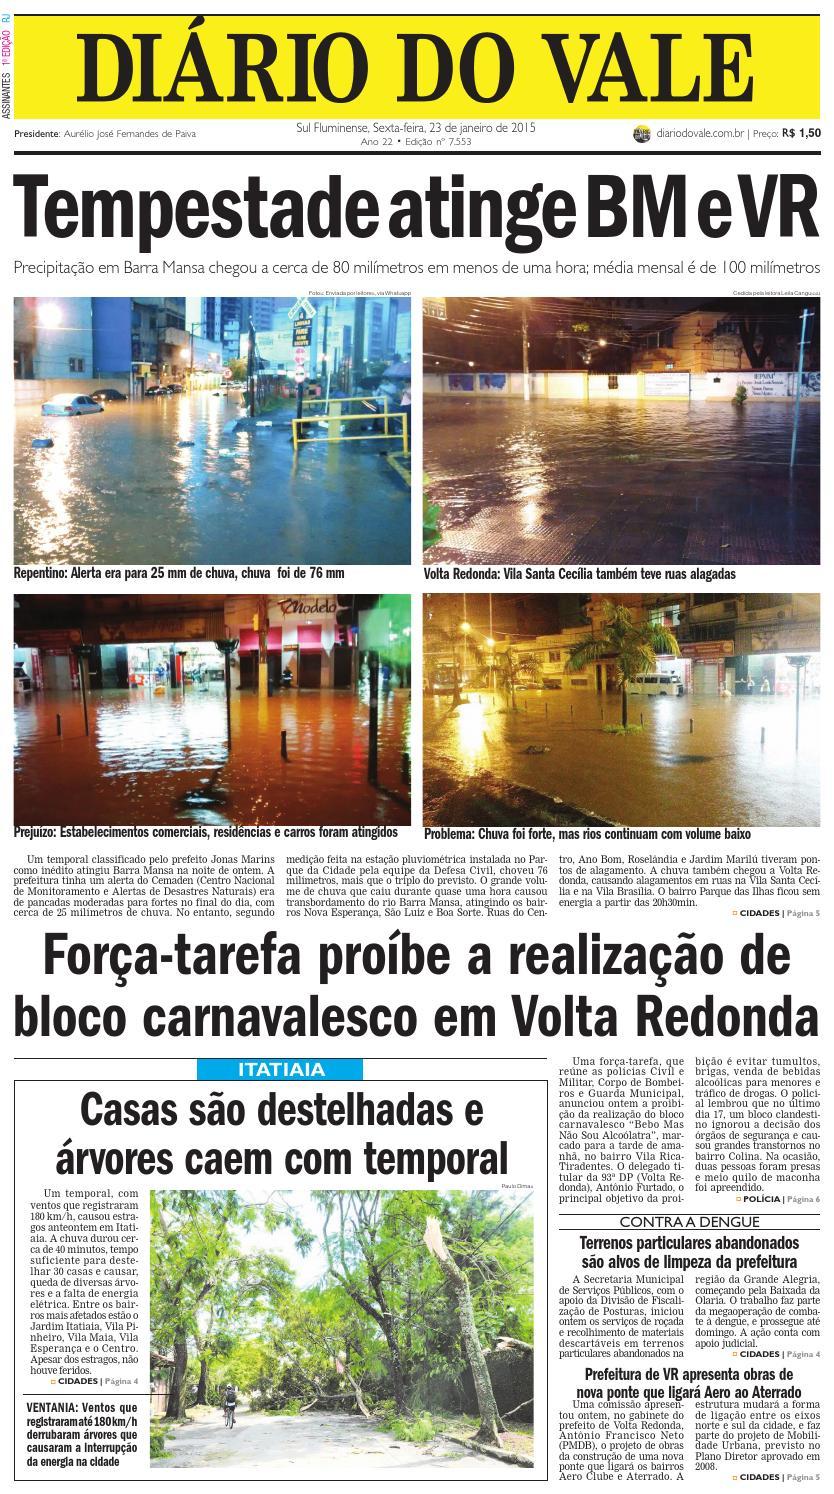 7553 diario sexta feira 23 01 2015 by Diário do Vale - issuu dc3c734b89f